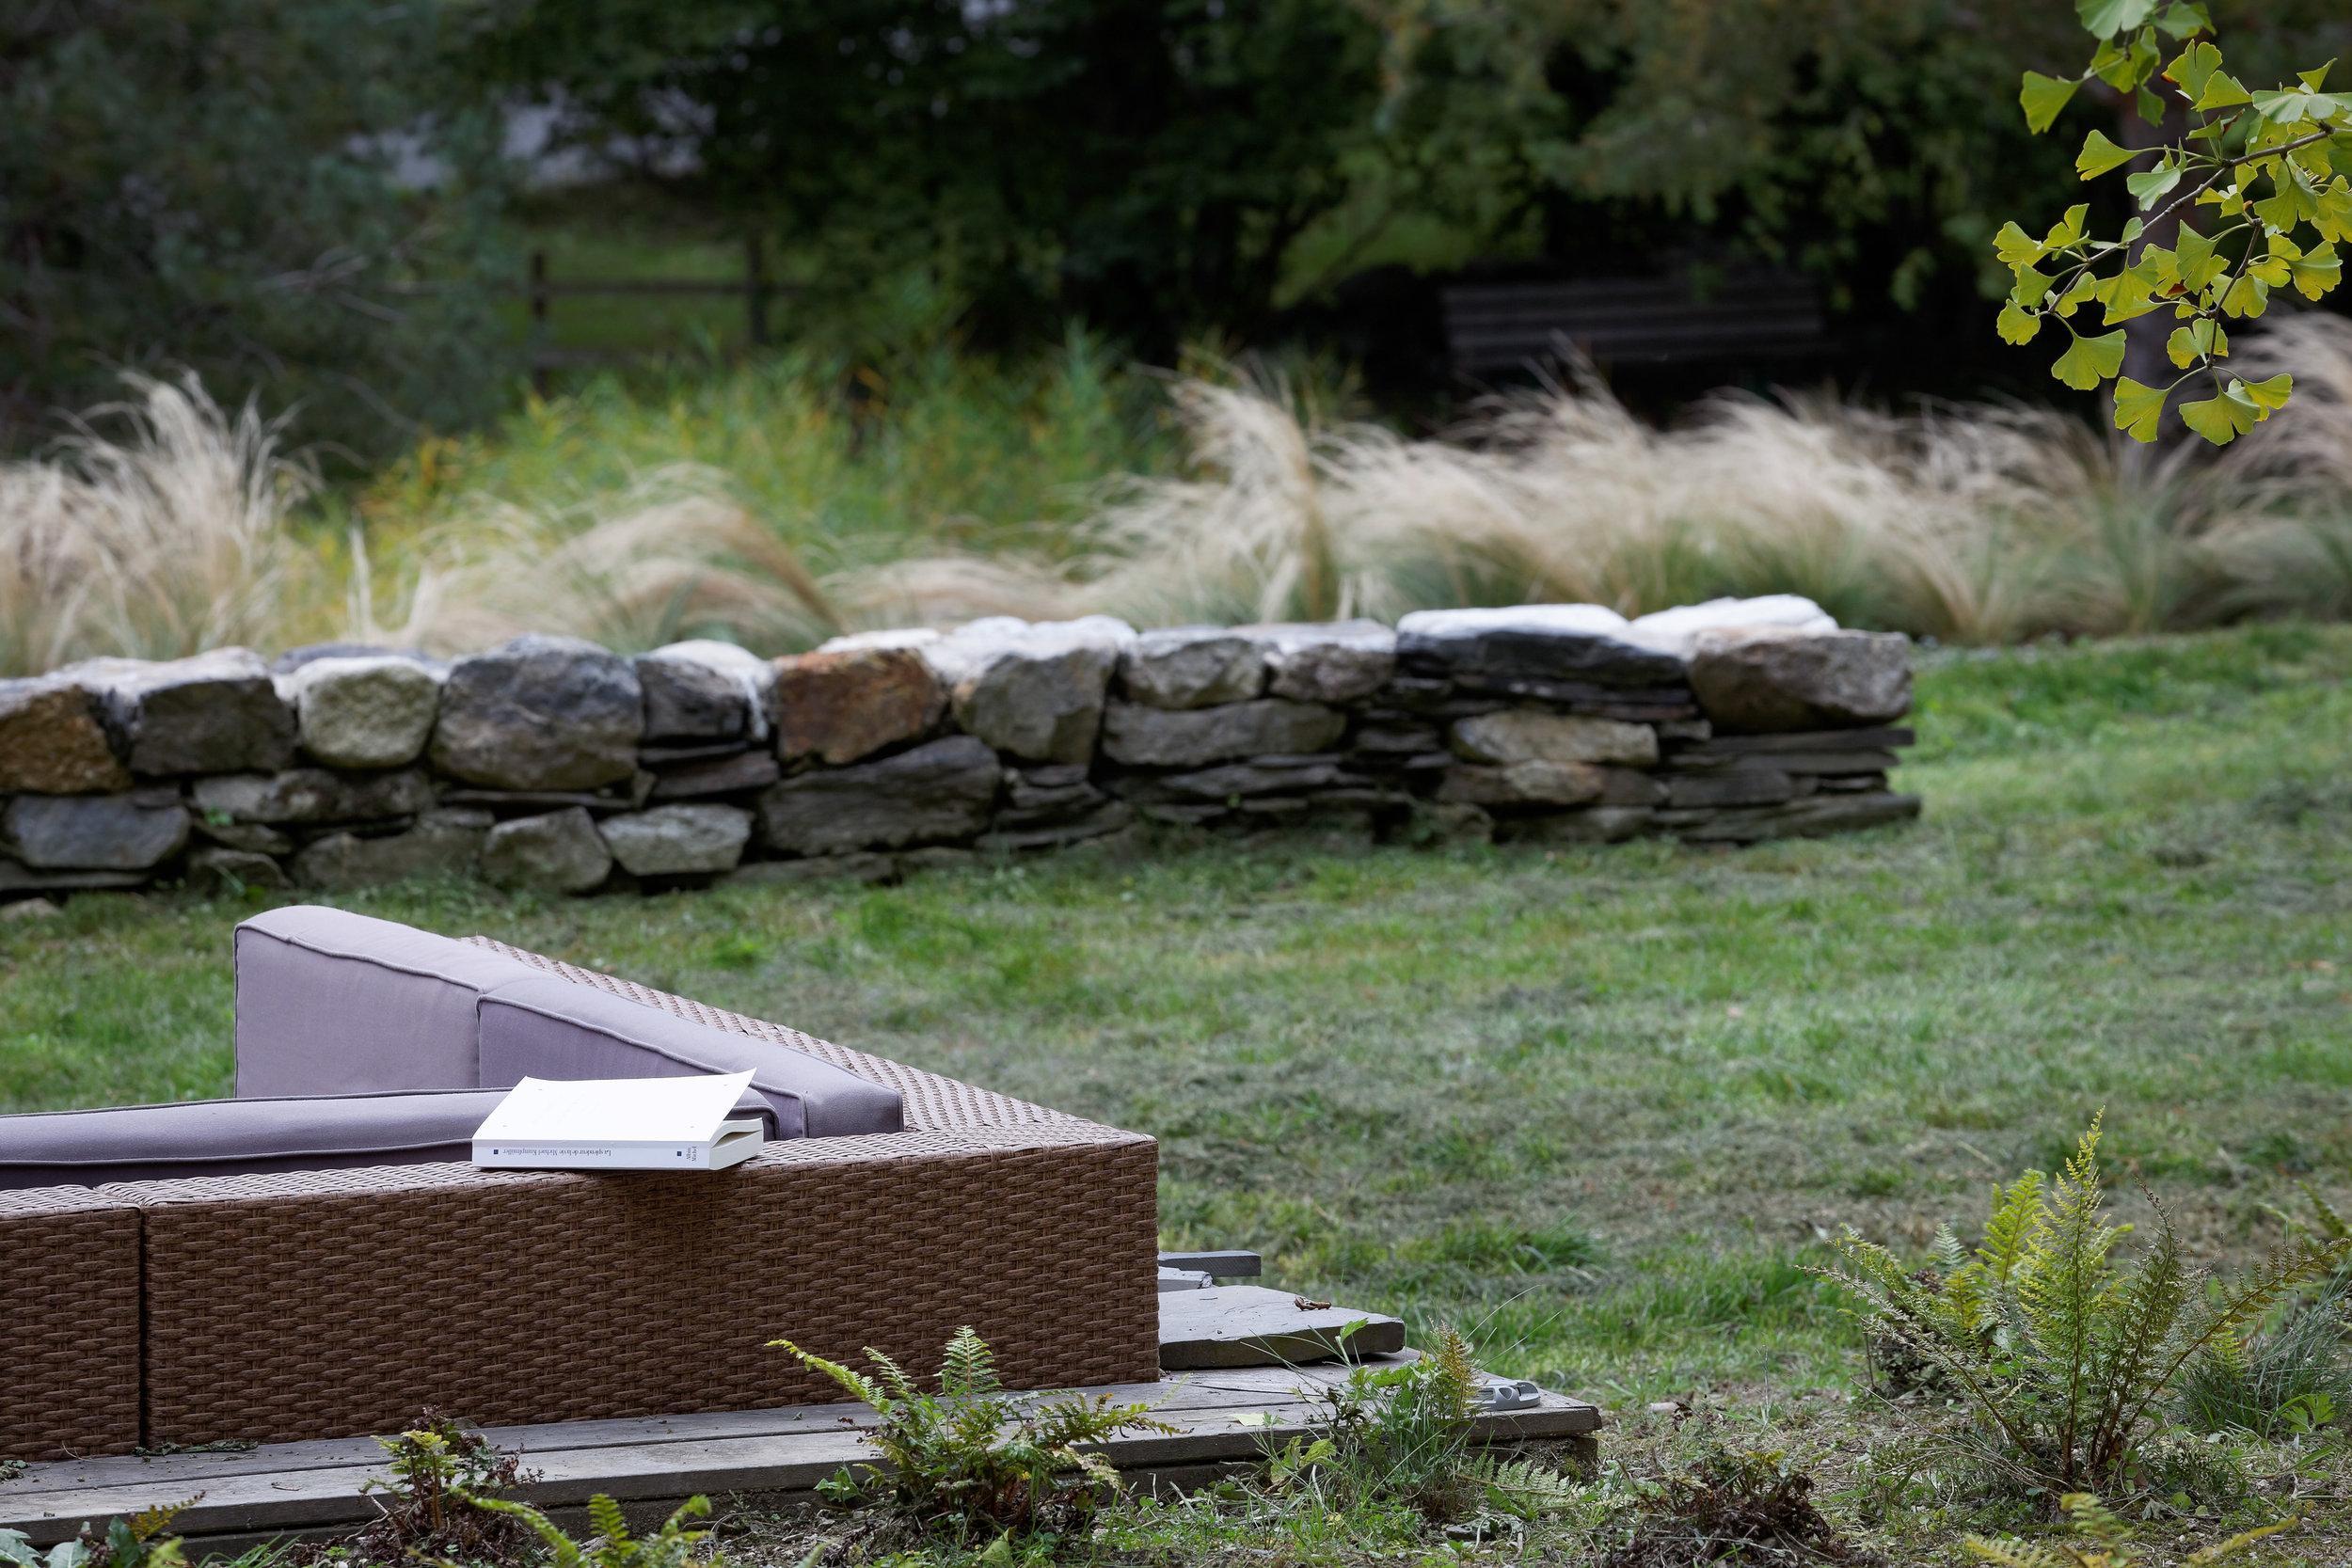 pyrenees_private_garden_terraces_gardens_christophe_gautrand_landscape_outdoor_designer_2.jpg